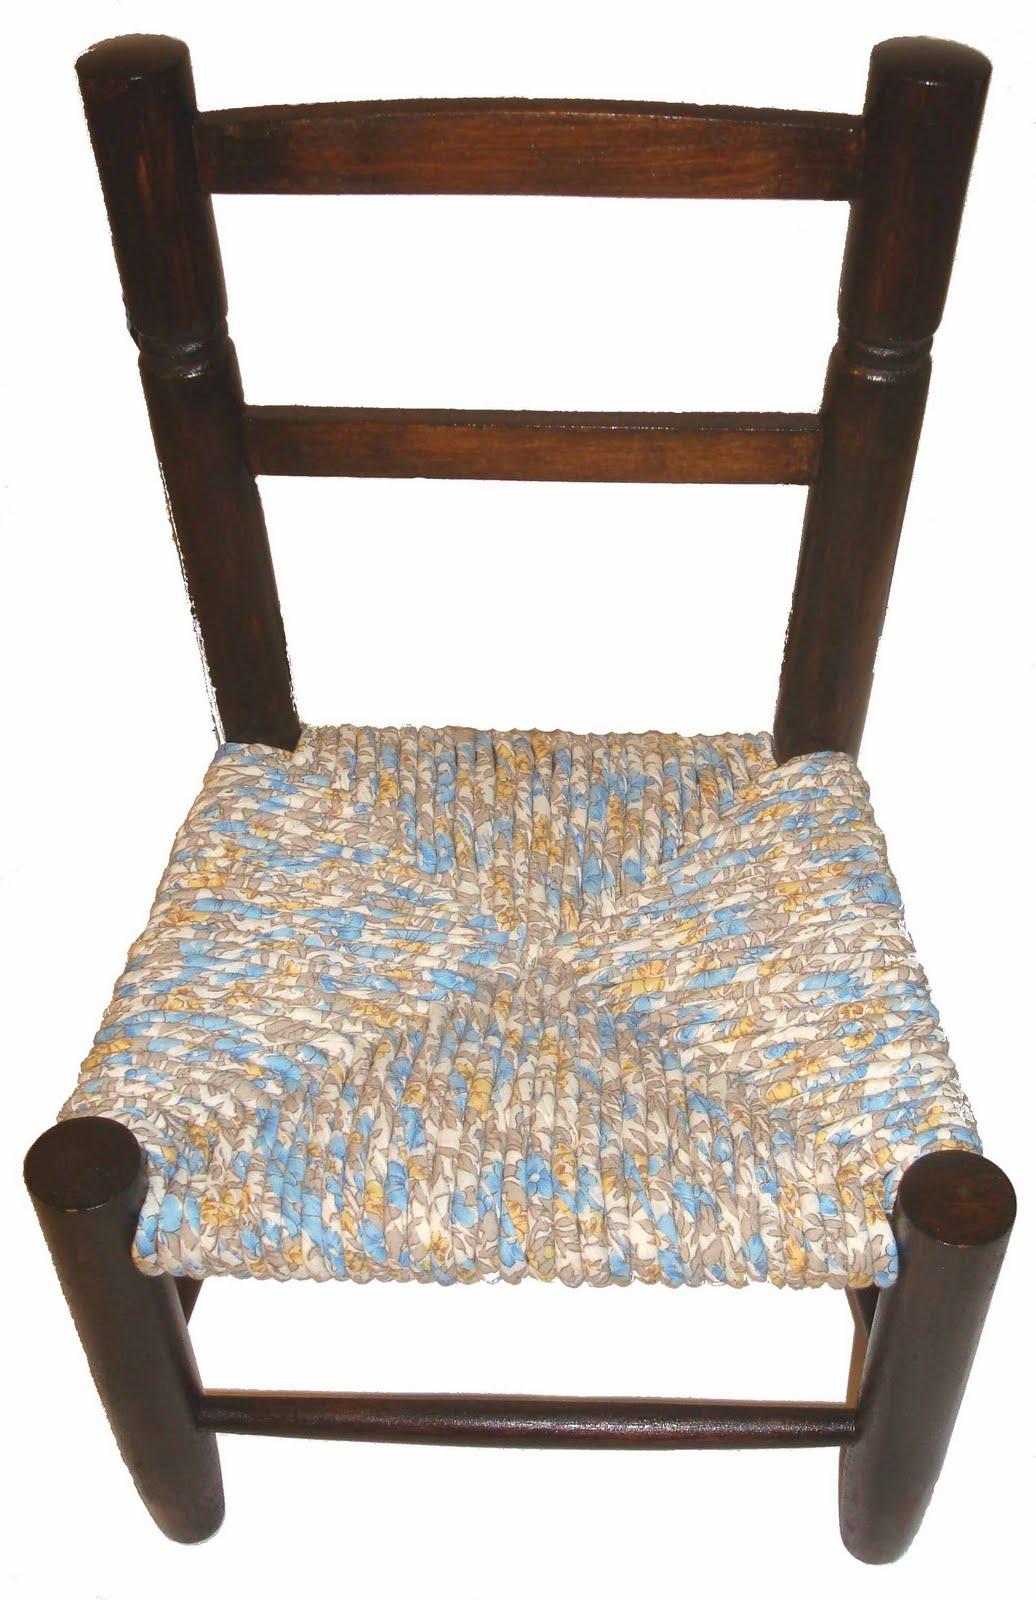 cr ation et peinture sur porcelaine a d couvrir le rempaillage des chaises en tissu. Black Bedroom Furniture Sets. Home Design Ideas